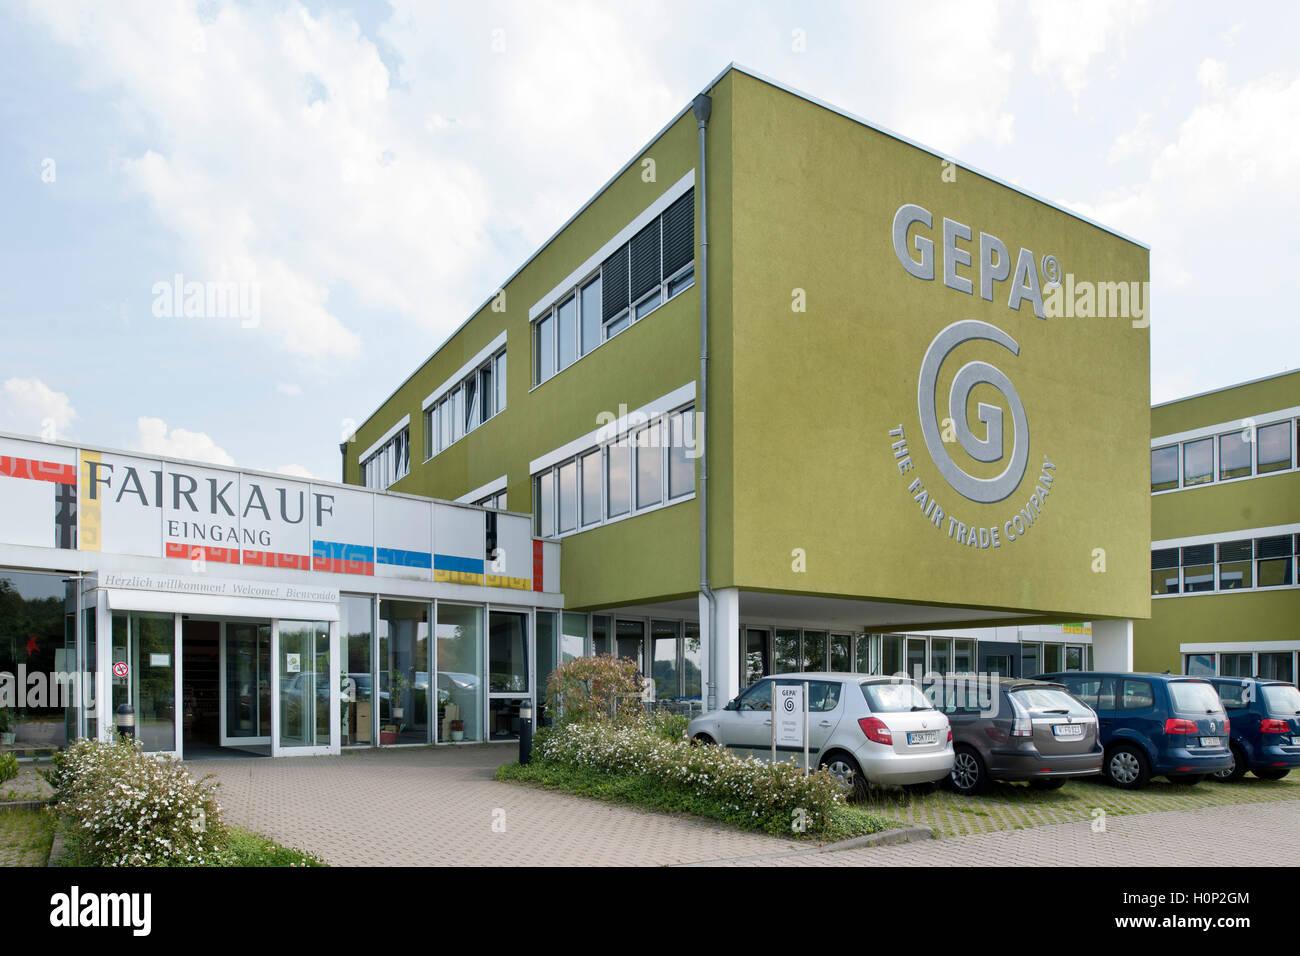 Deutschland, Renania settentrionale-Vestfalia, Wuppertal-Vohwinkel, la GEPA Fair Trade Company Immagini Stock